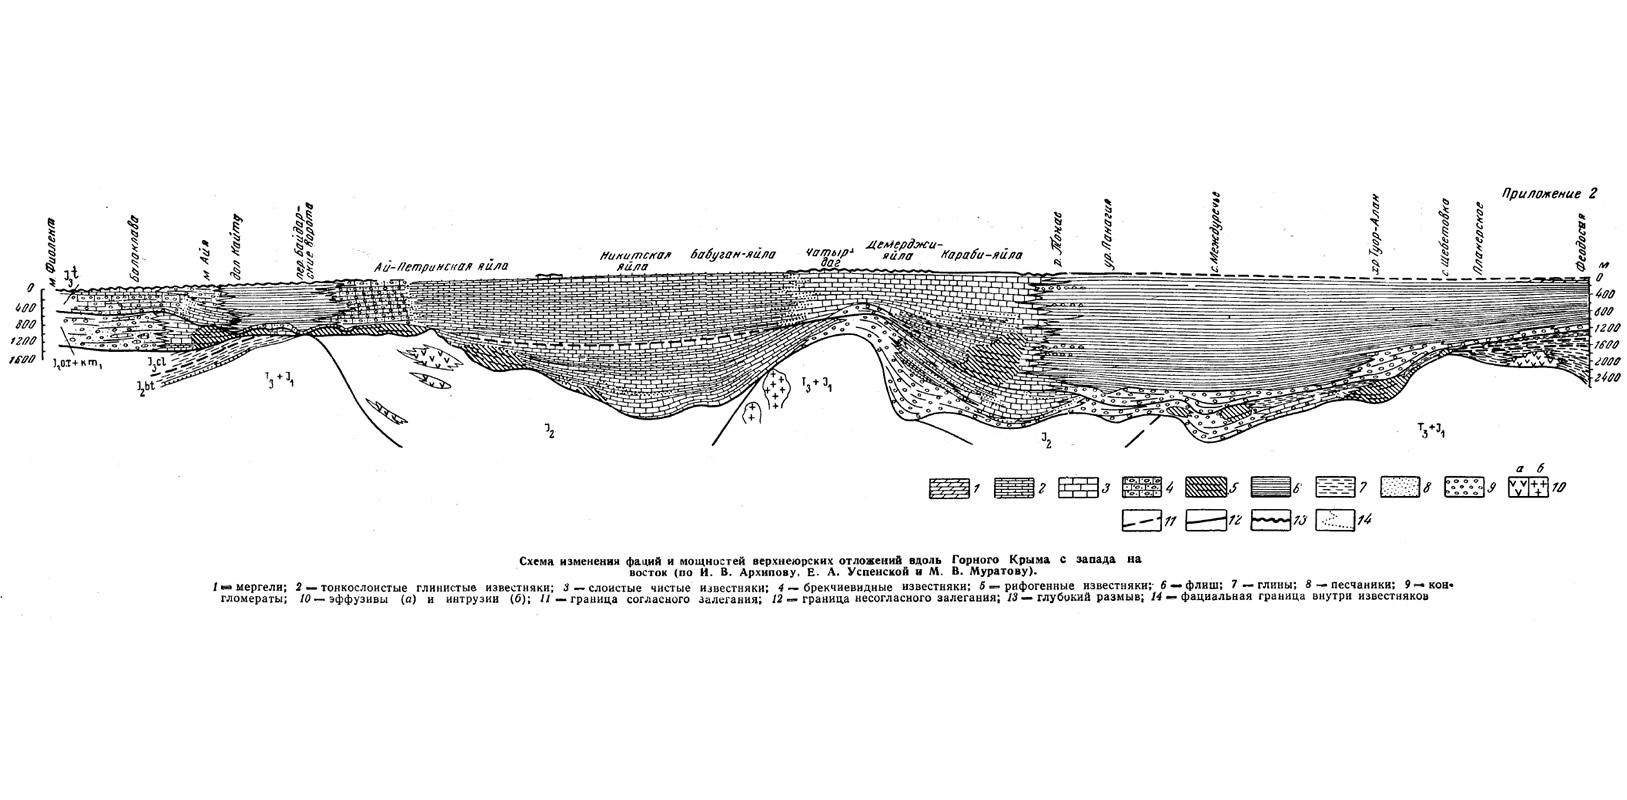 Прил. 2. Схема изменения фаций и мощностей верхнеюрских отложений вдоль Горного Крыма